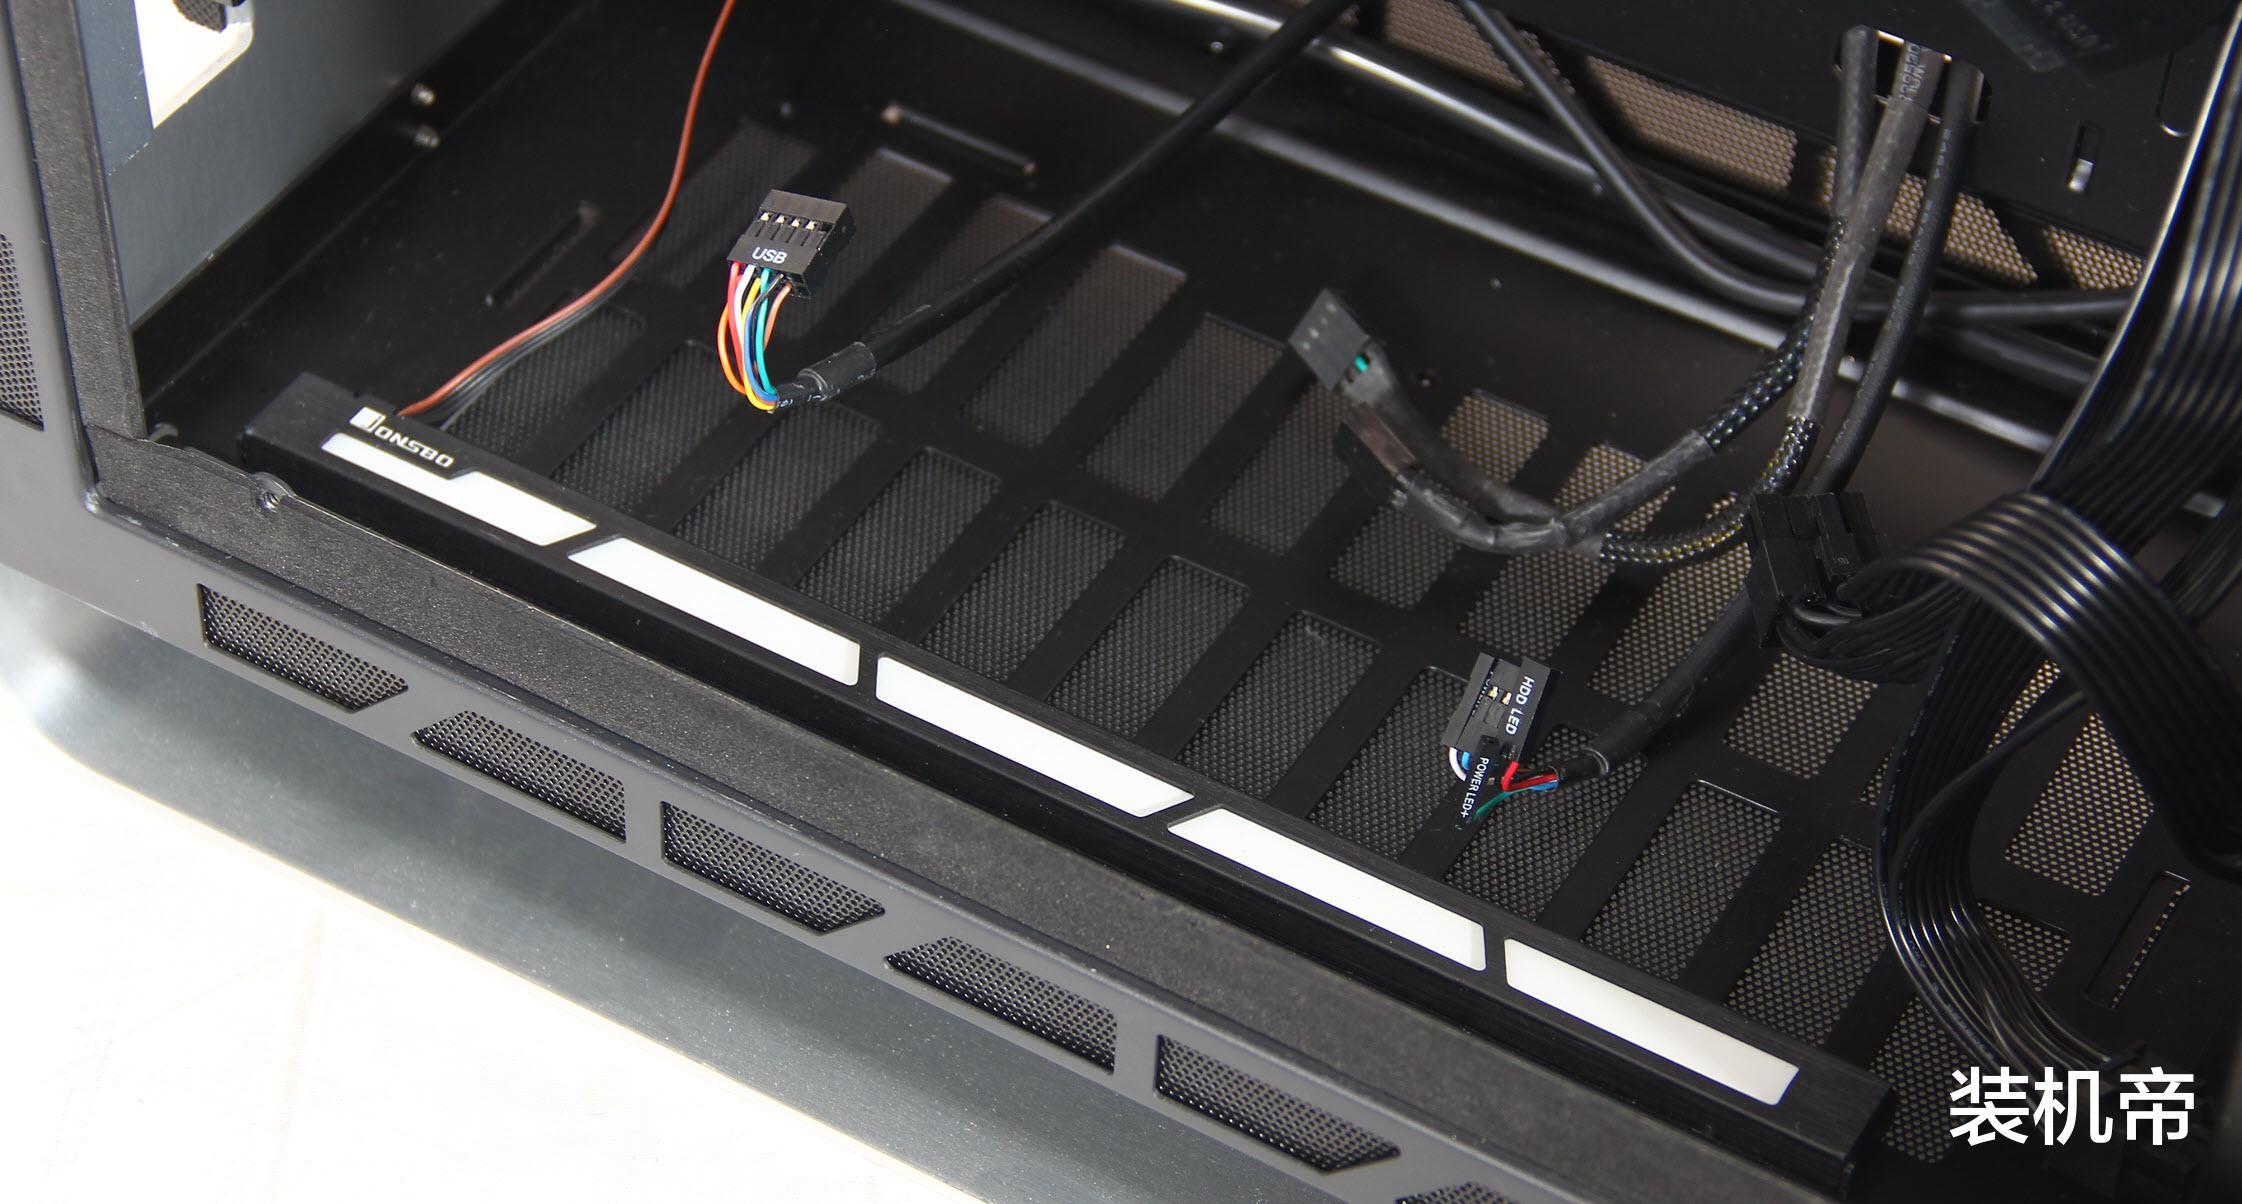 台电腾龙G40DDR43000MHz8G内存的售价还很 好物评测 第8张